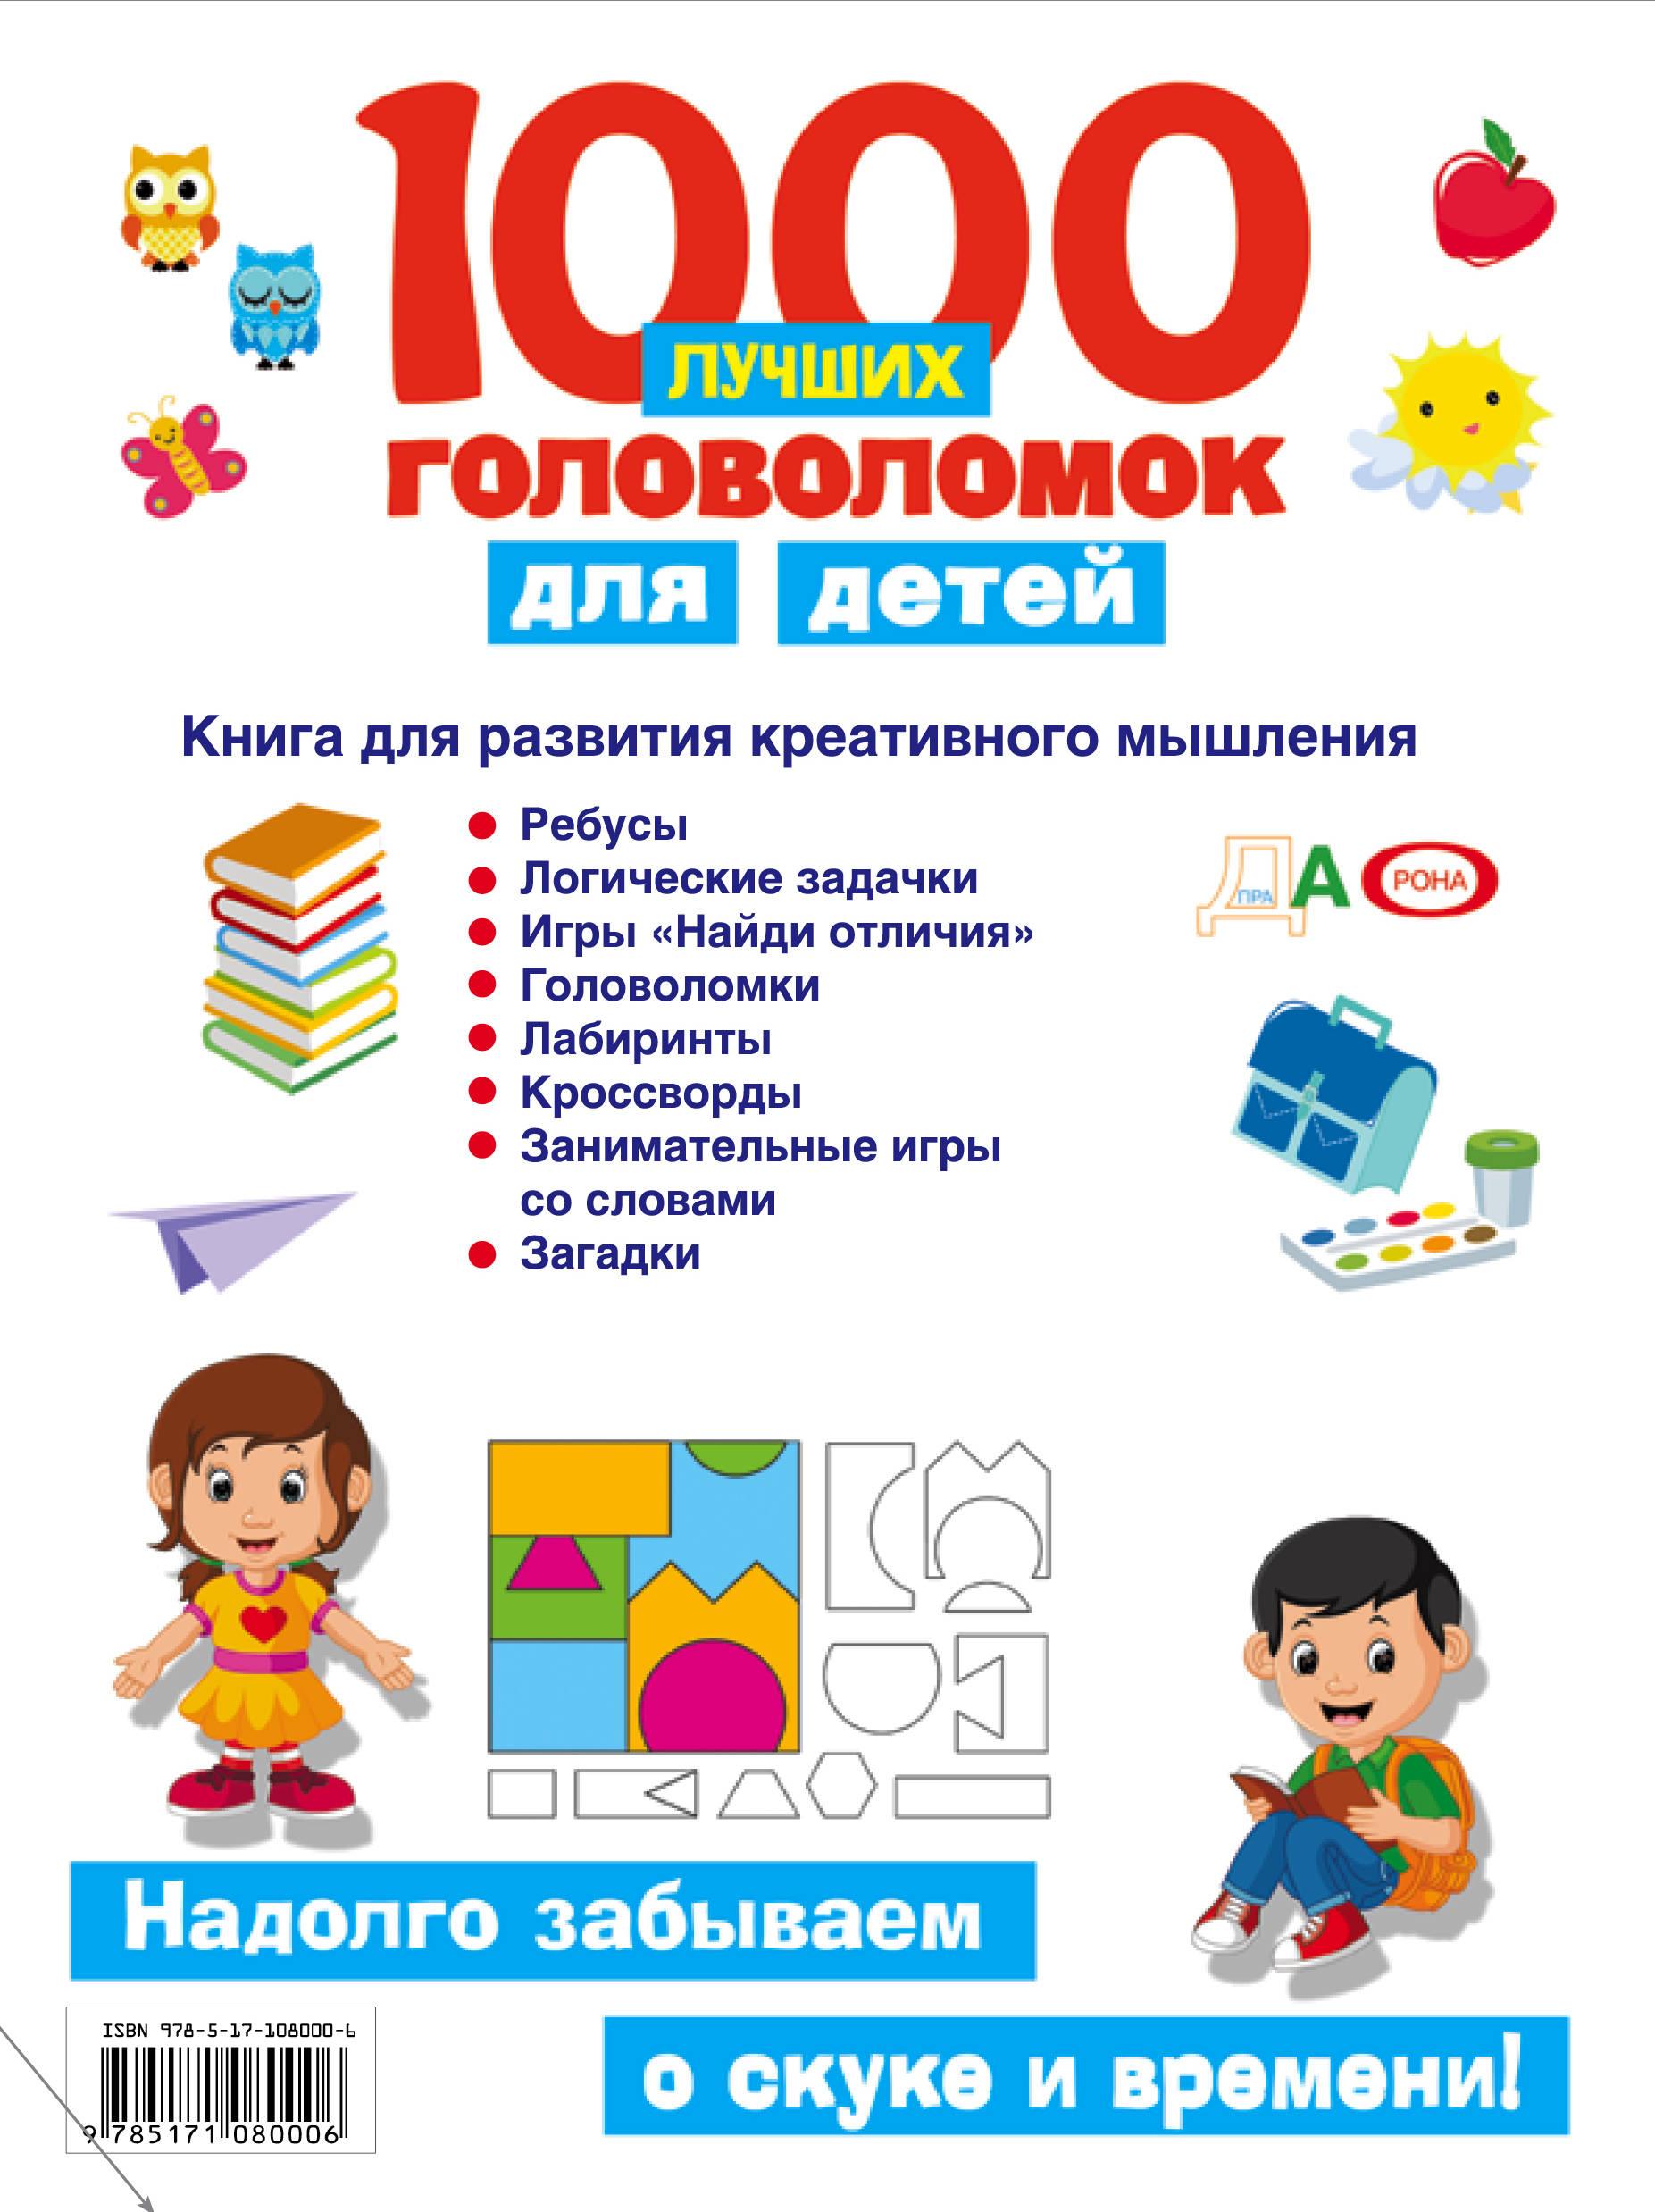 Книга 1000 лучших головоломок для детей